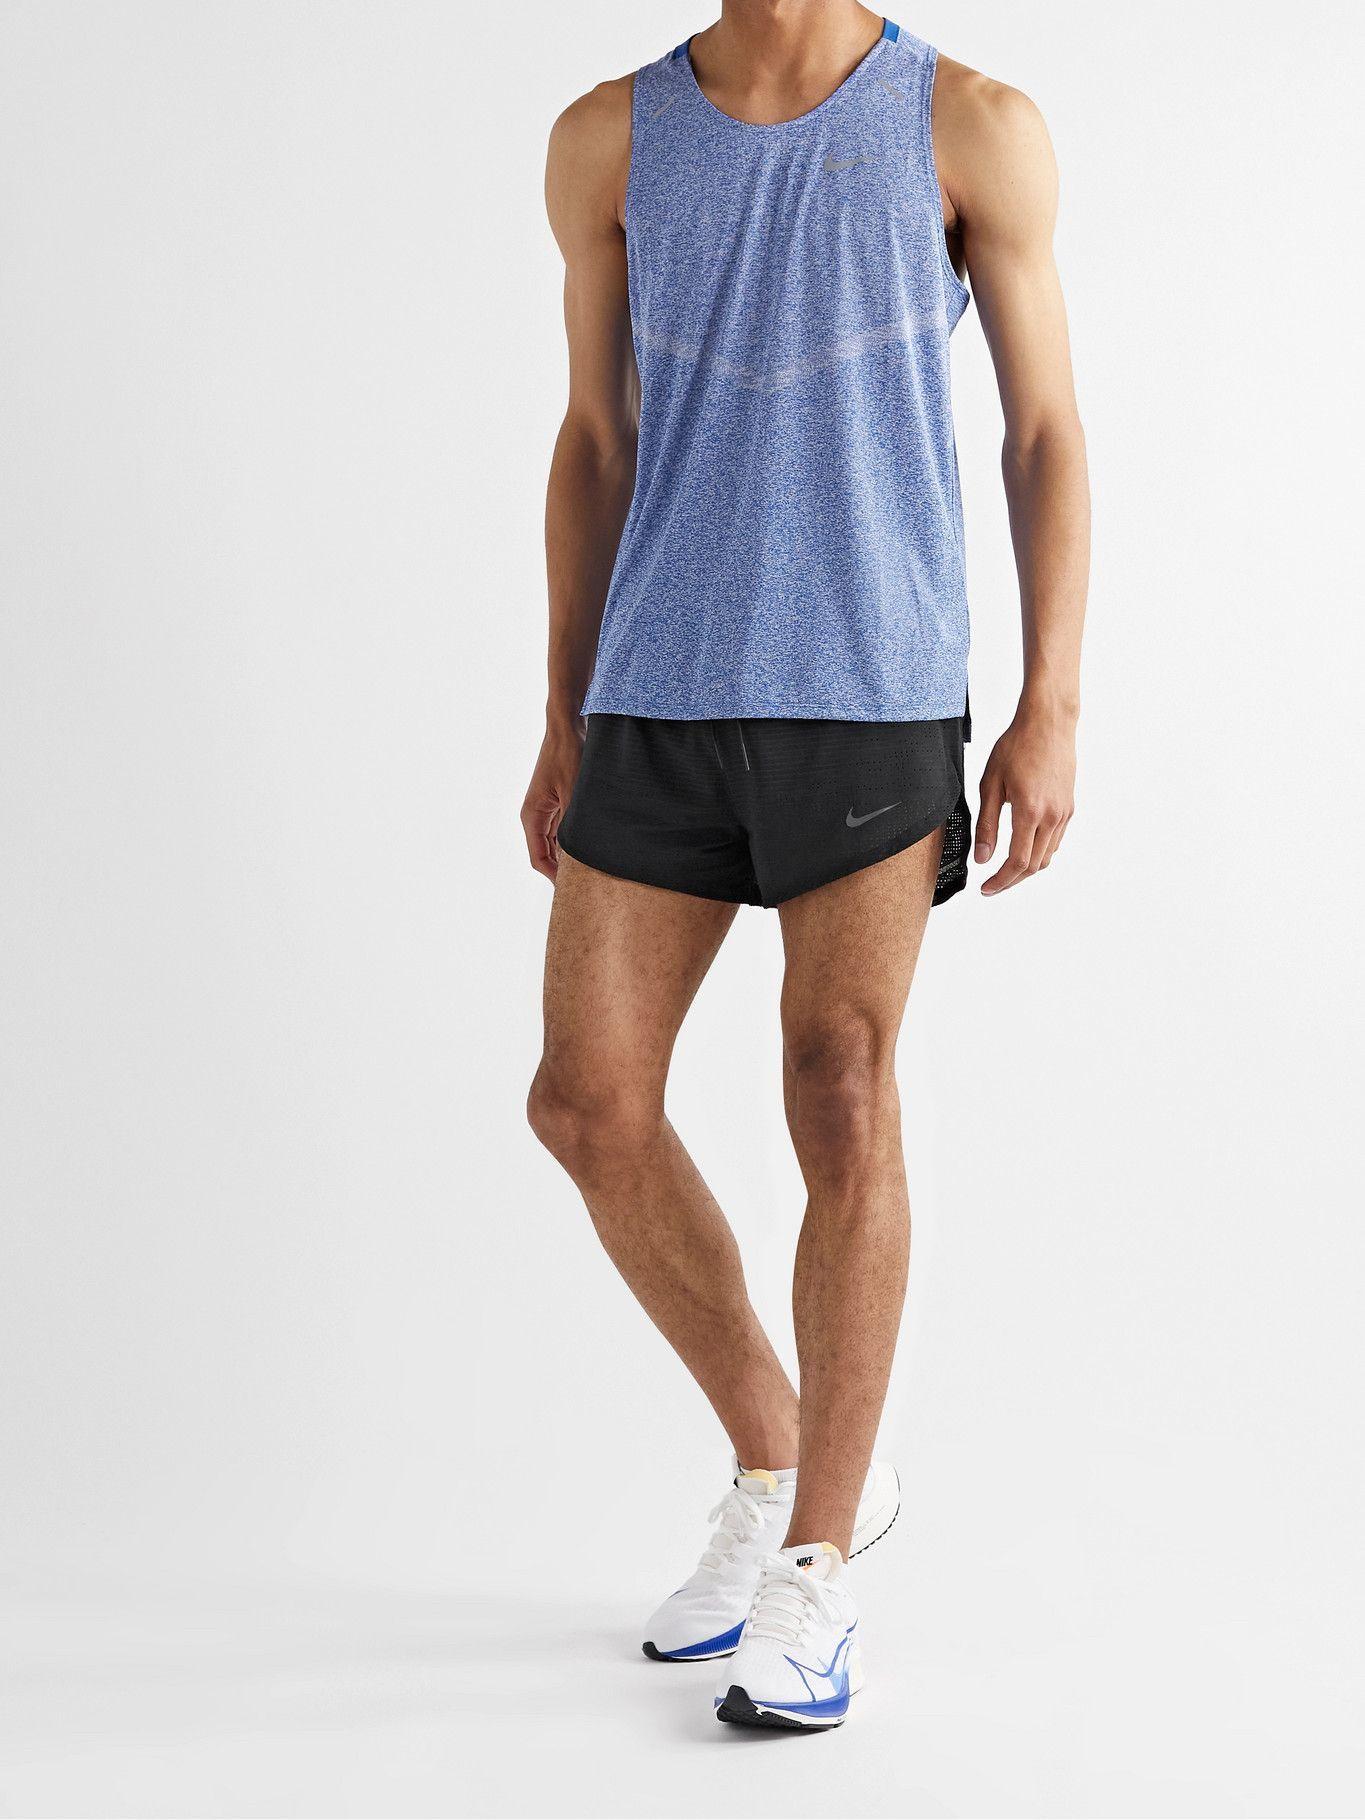 NIKE RUNNING - Pinnacle Run Division Slim-Fit Perforated Dri-FIT Shorts - Black